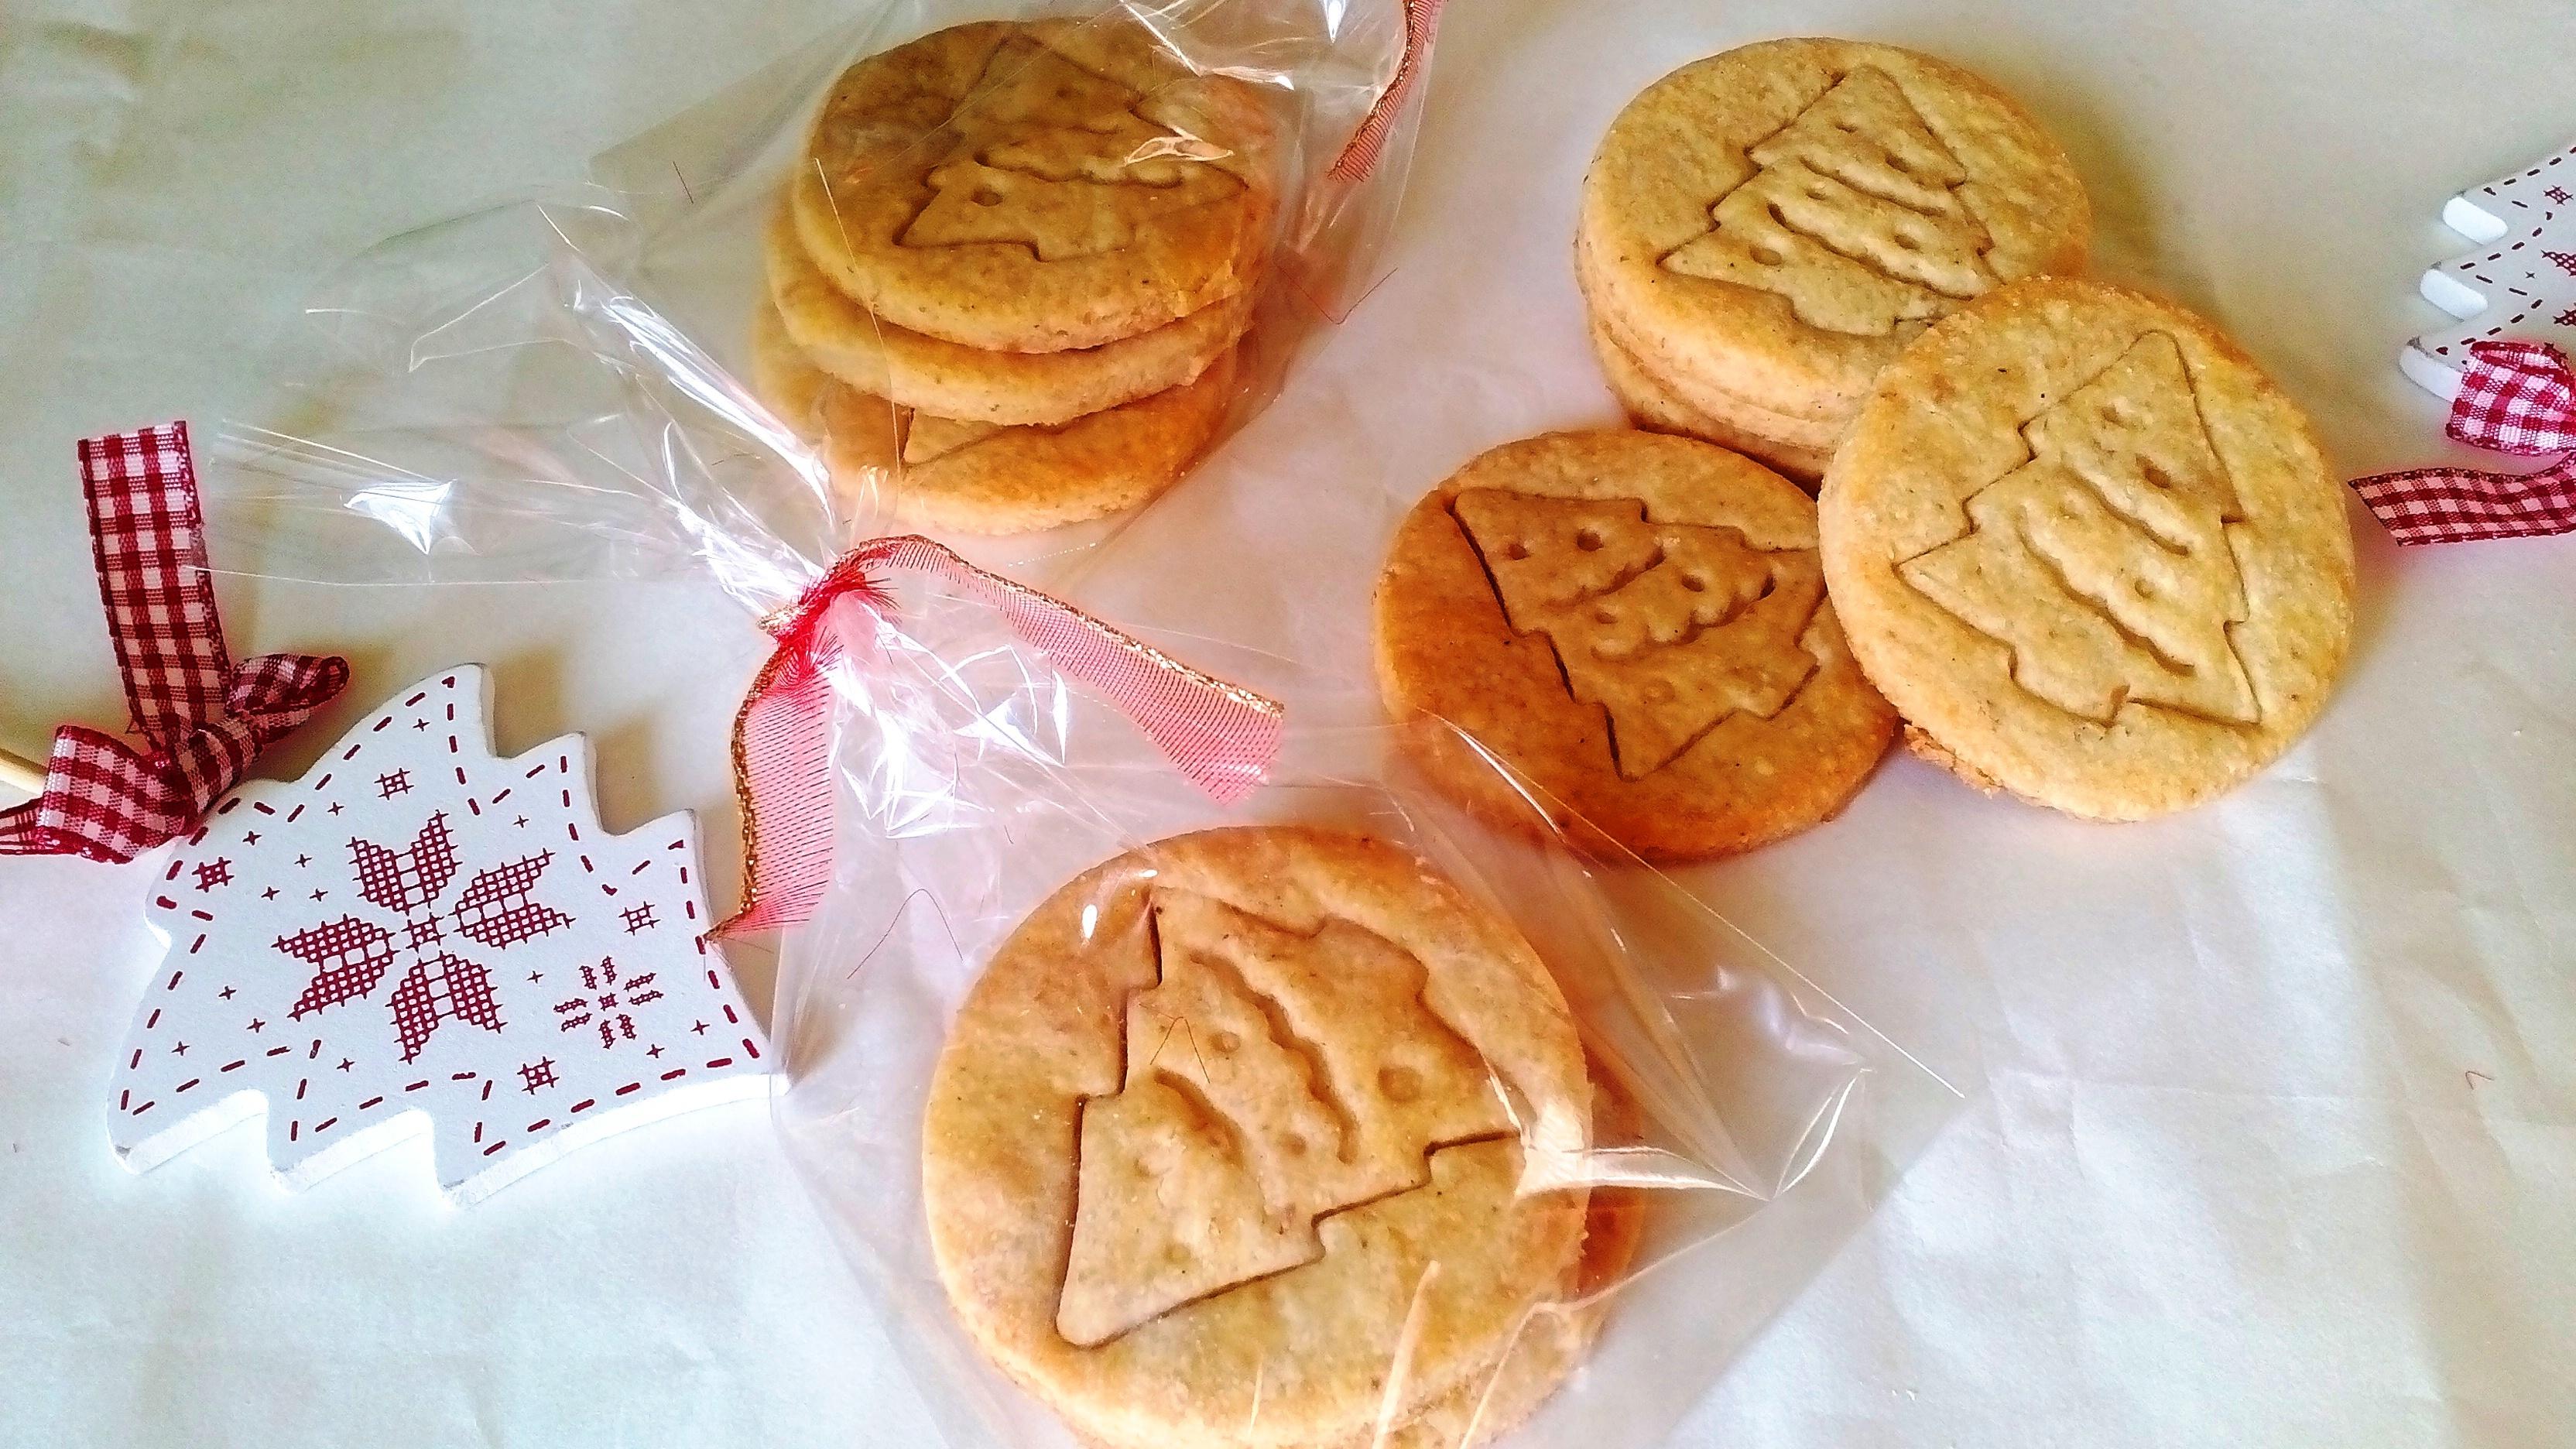 mcvities emésztő keksz fogyáshoz